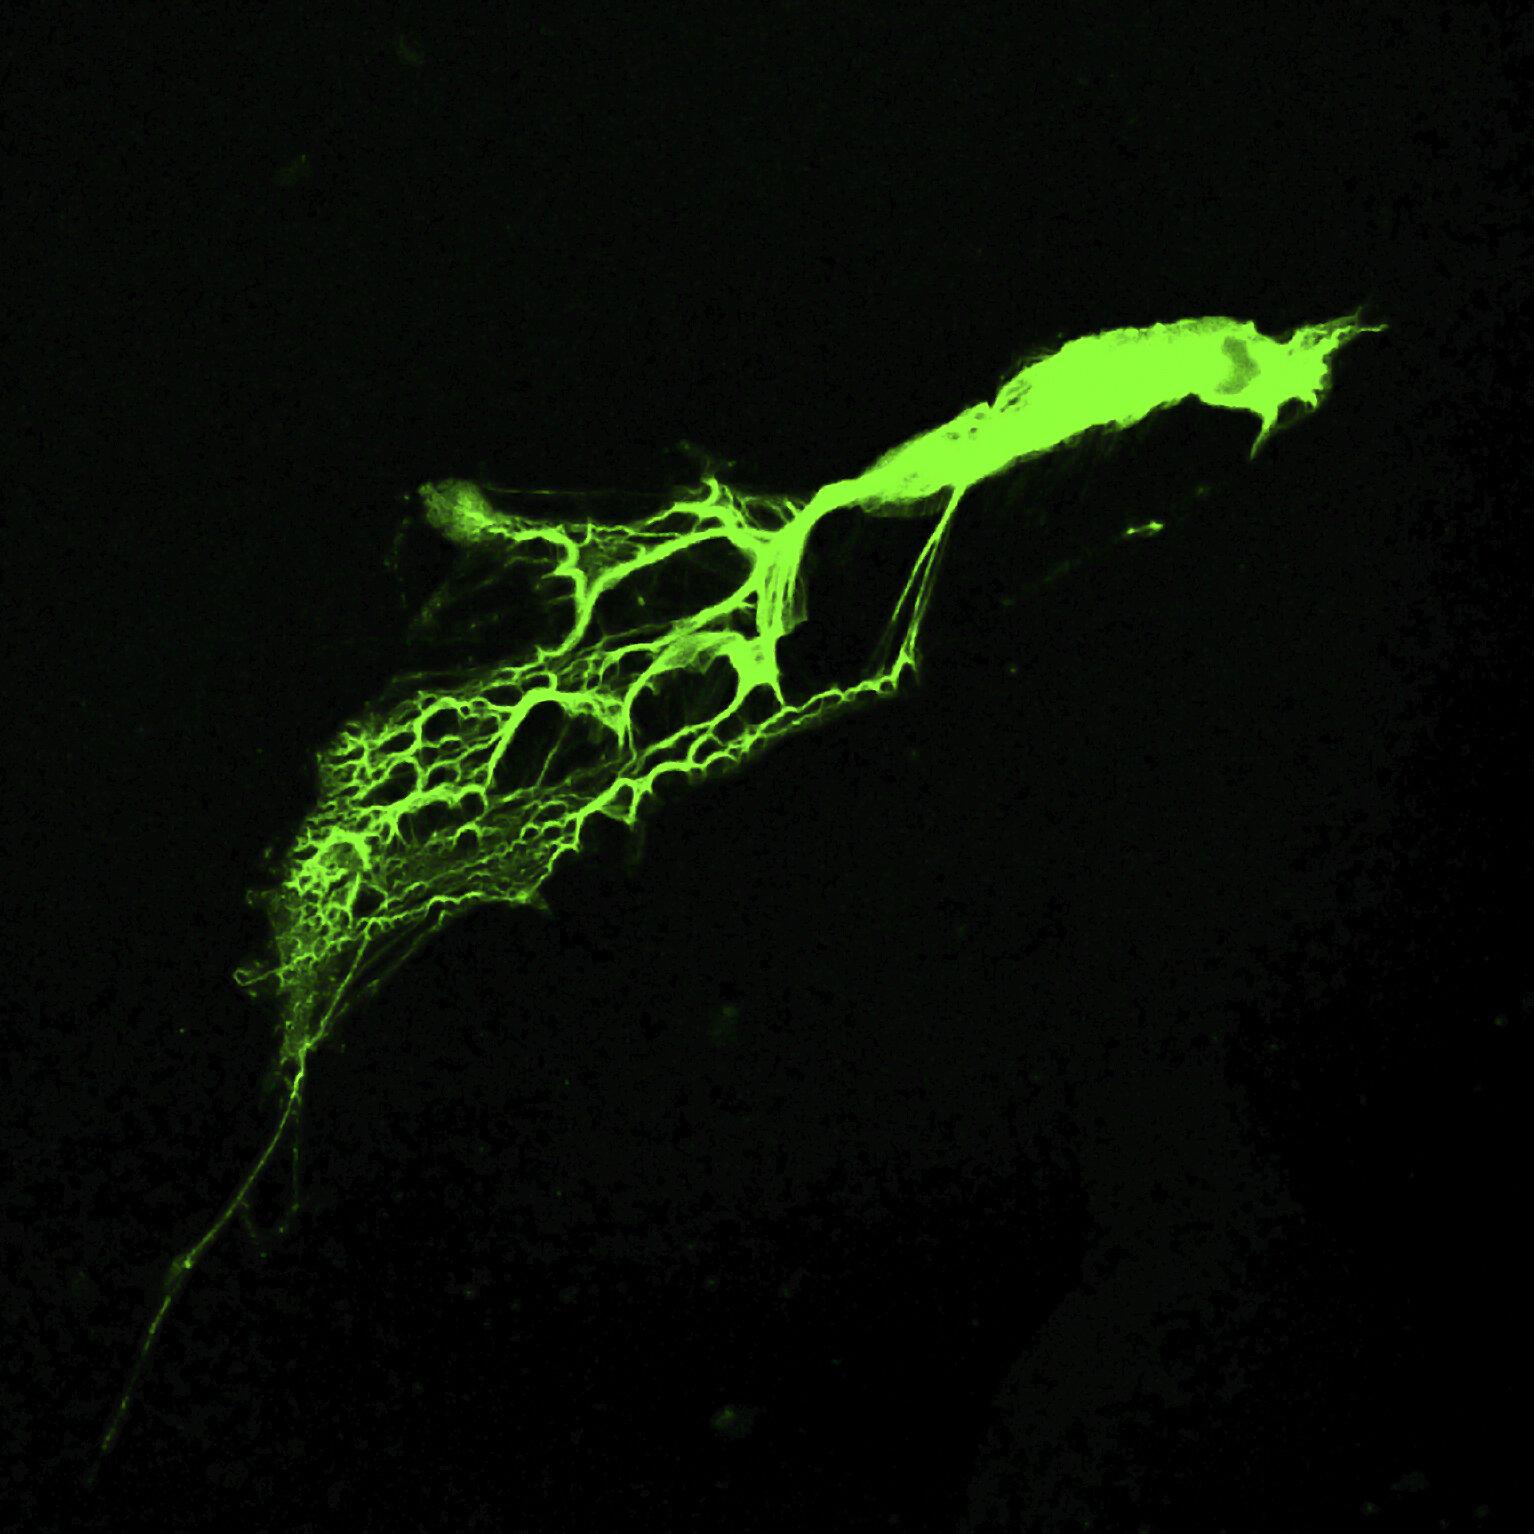 Neutrophile ausgestattet mit einem 'Abrüstung' – Programm, welches verhindert, dass das Immunsystem außer Kontrolle